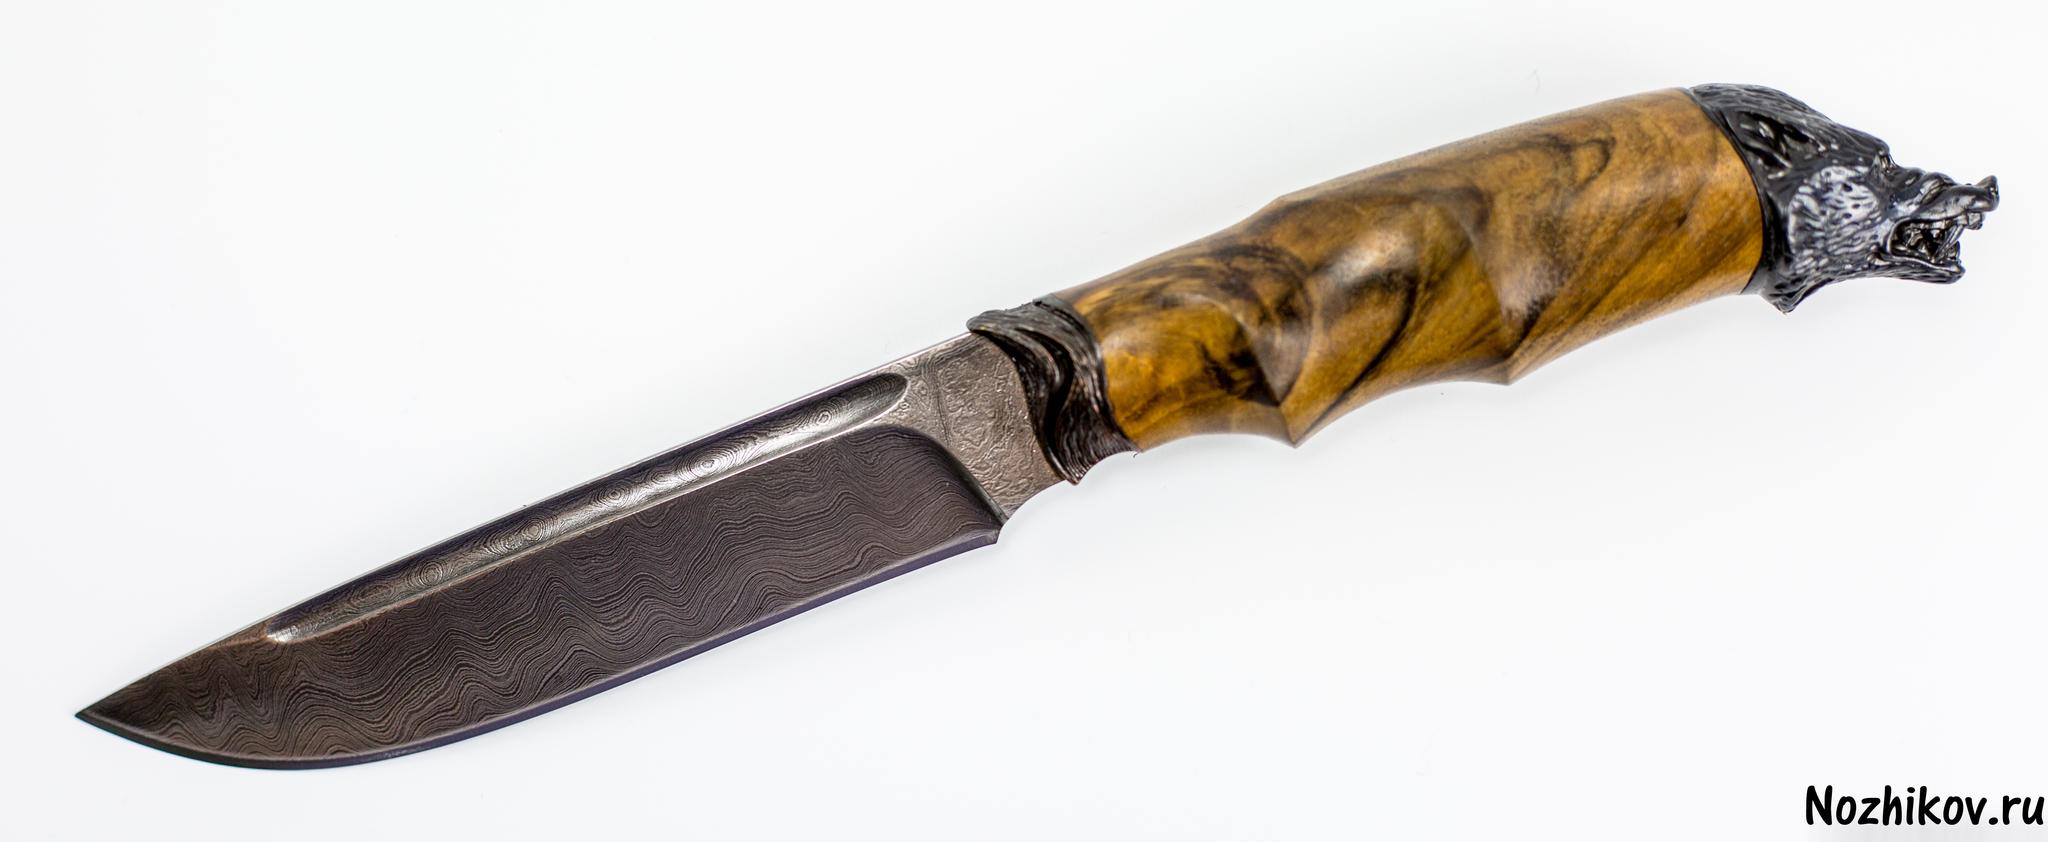 Авторский Нож из Дамаска №3, Кизляр